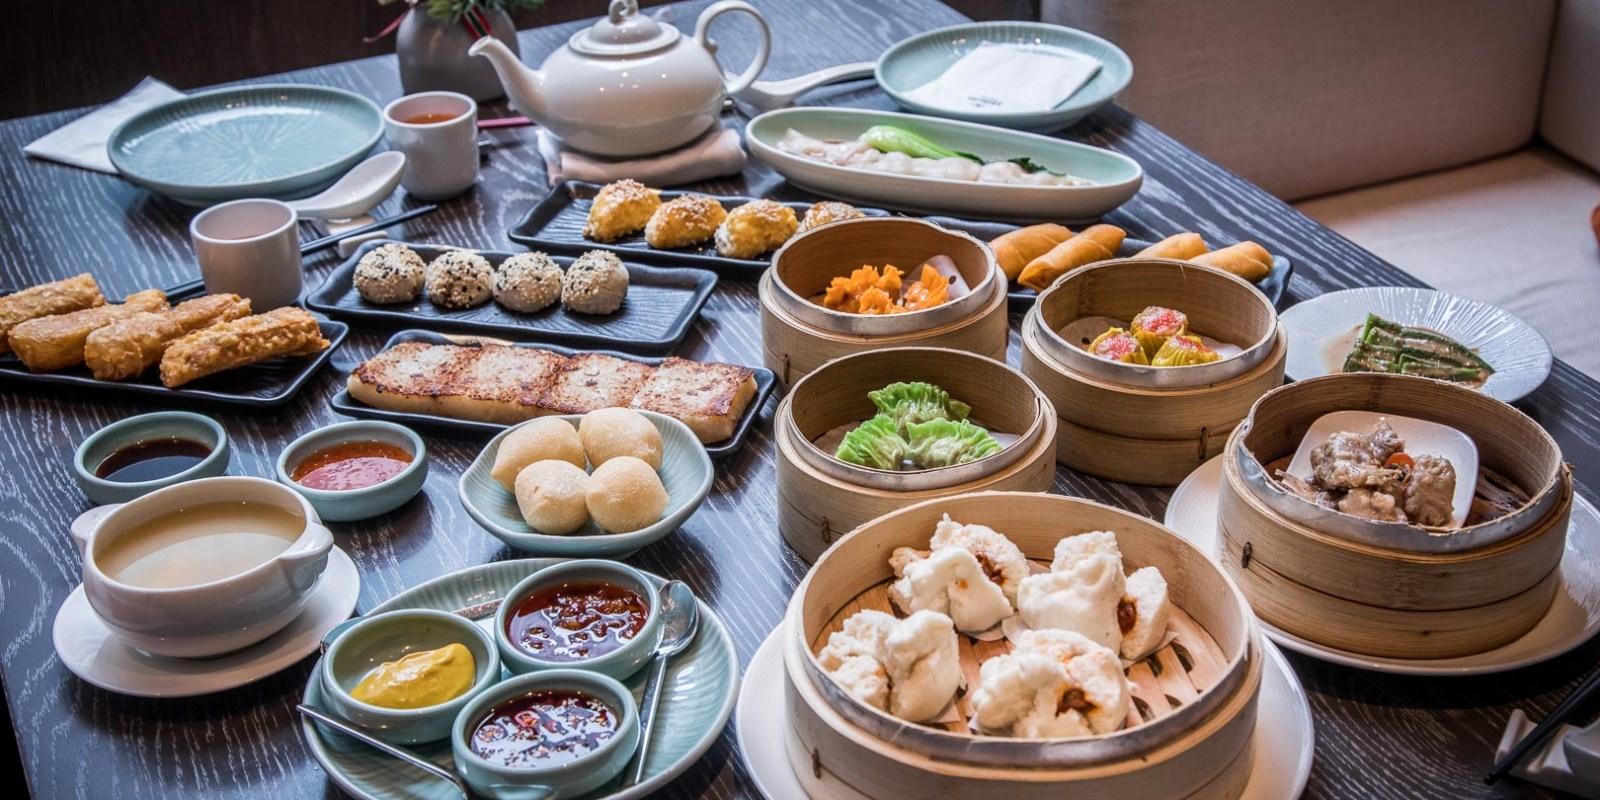 [板橋吃到飽]新板希爾頓-青雅中餐廳/頂級港點吃到飽真的爽,經典港式點心隨便你點!